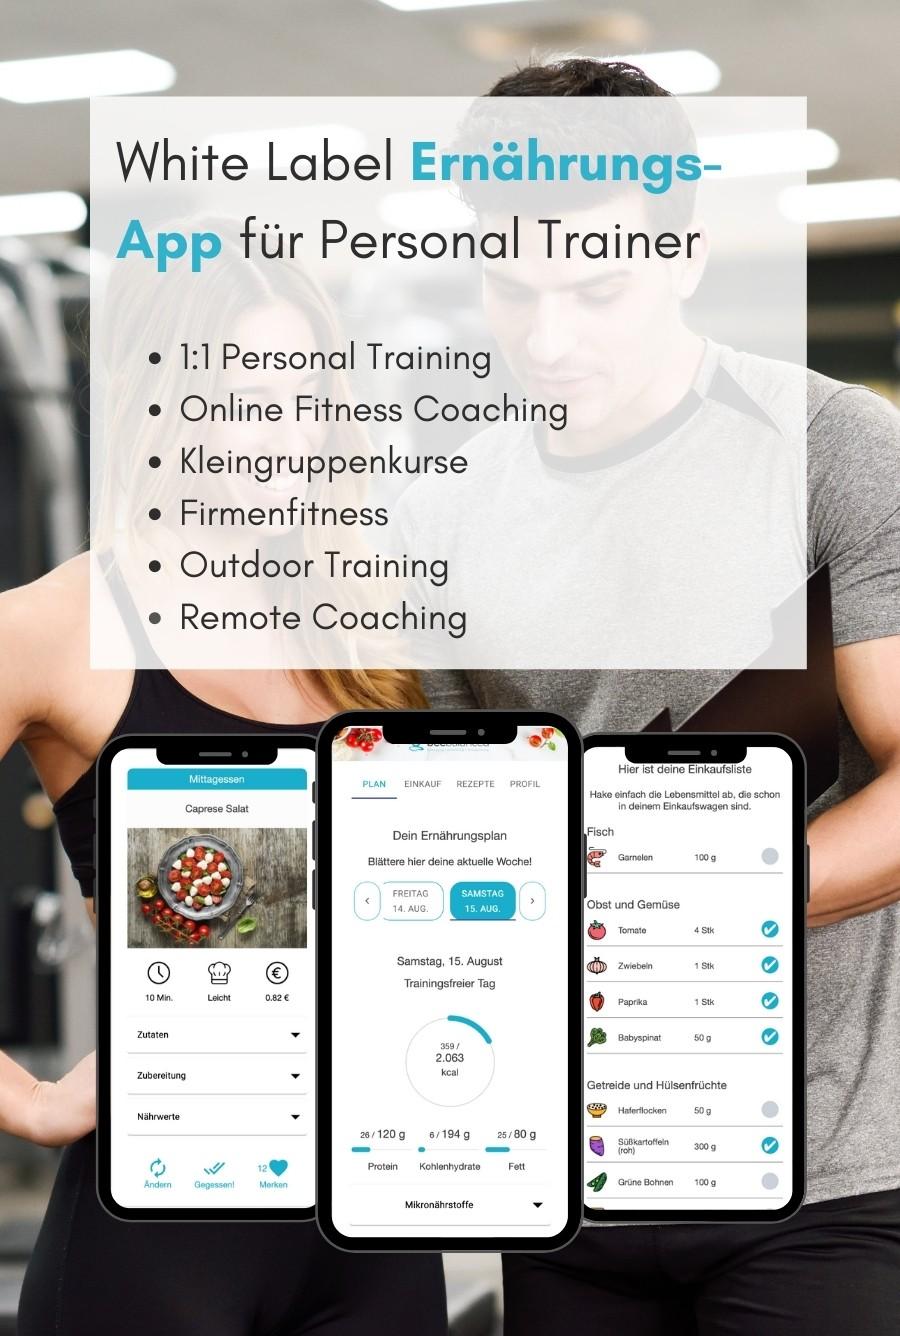 Ernährungs-App für Personal Trainer als White Label- Software für Online Ernährungsberatung - Ernährungspläne erstellen leicht gemacht - Online Fitness Training, Outdoor Training, Remote Coaching